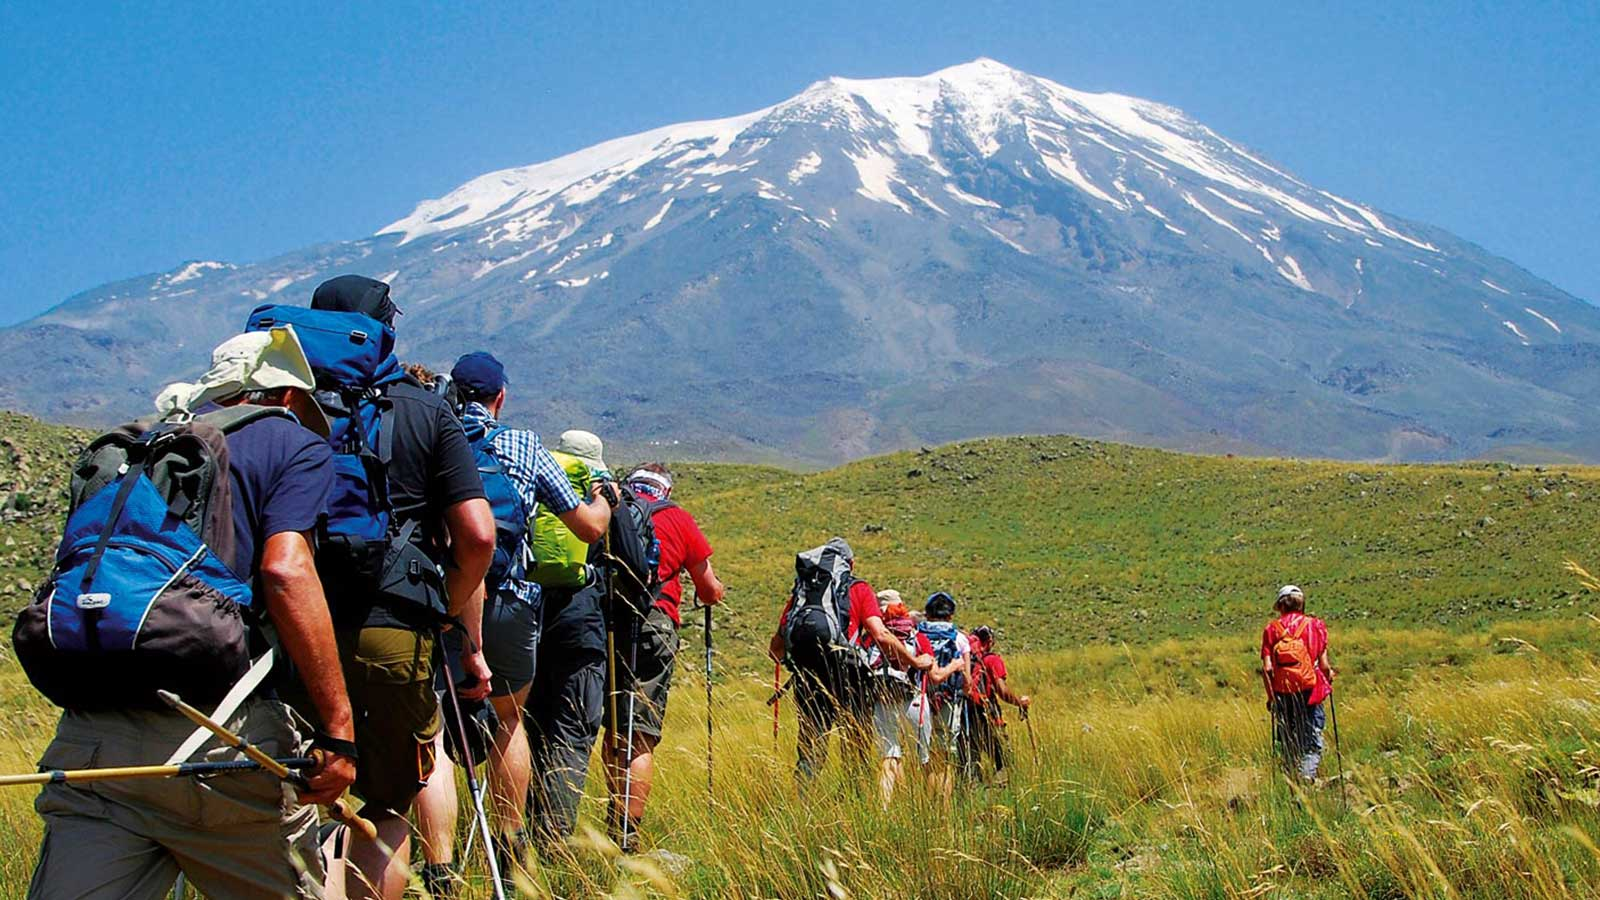 Mountaineering in Turkey